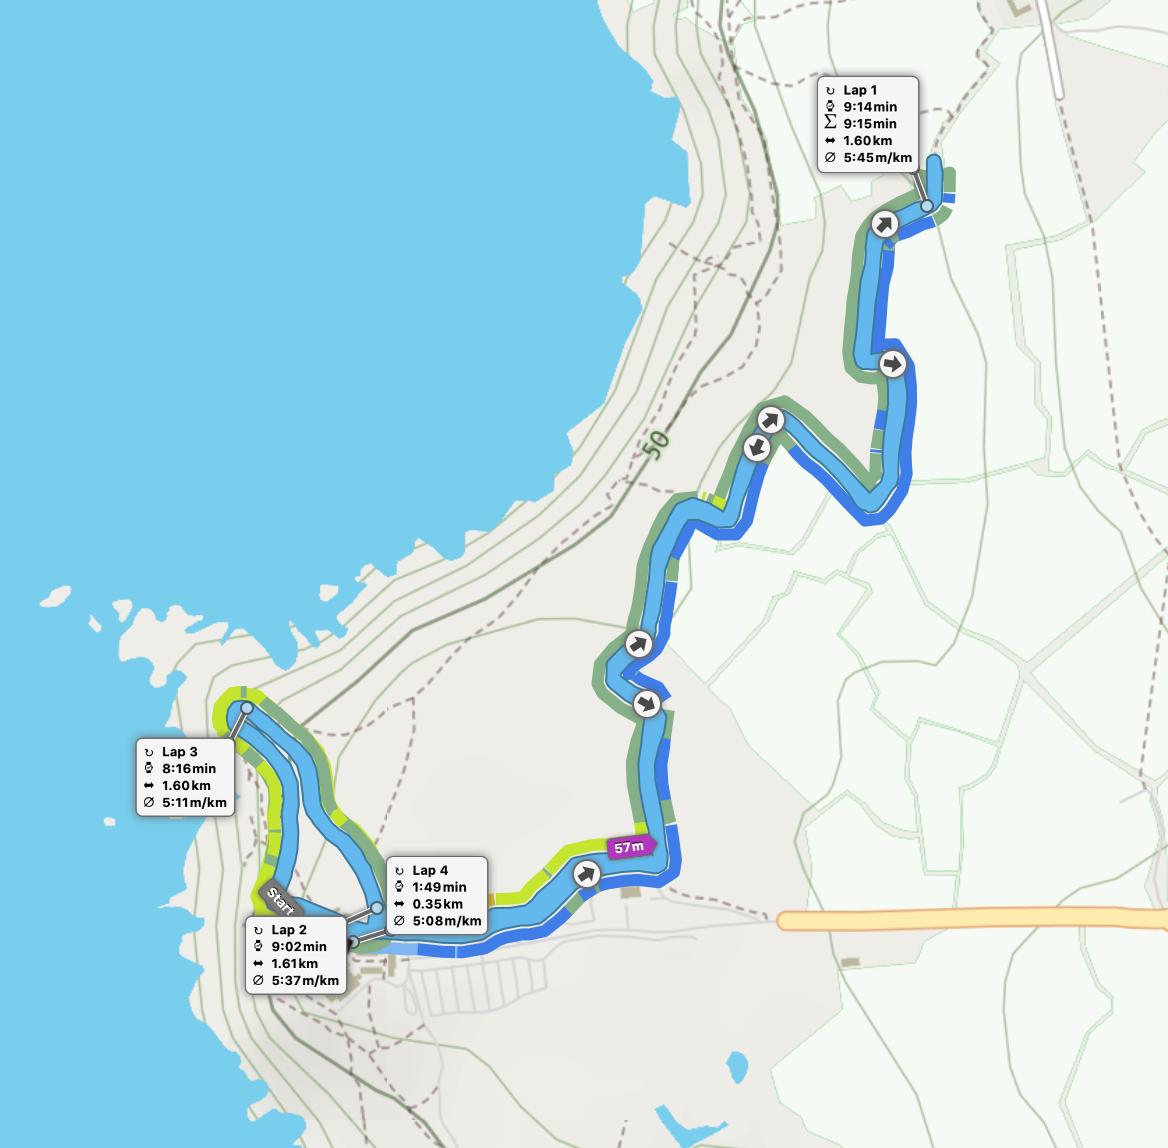 Land's End parkrun route